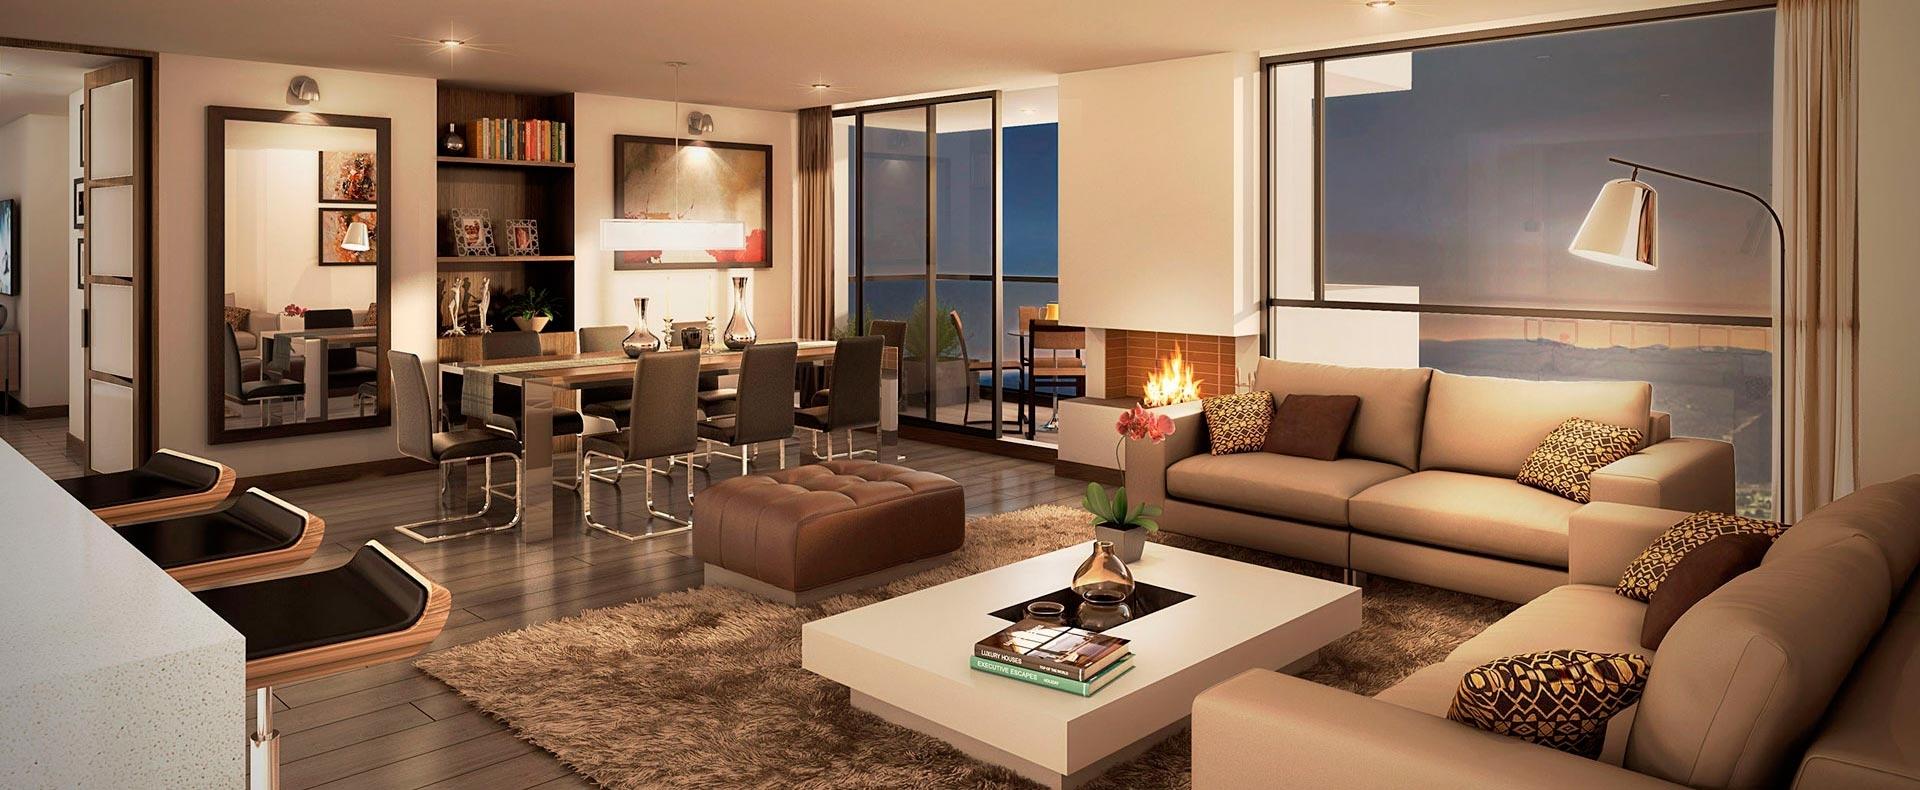 Apartamentos y casas en venta nuevos proyectos de for Vivienda interior